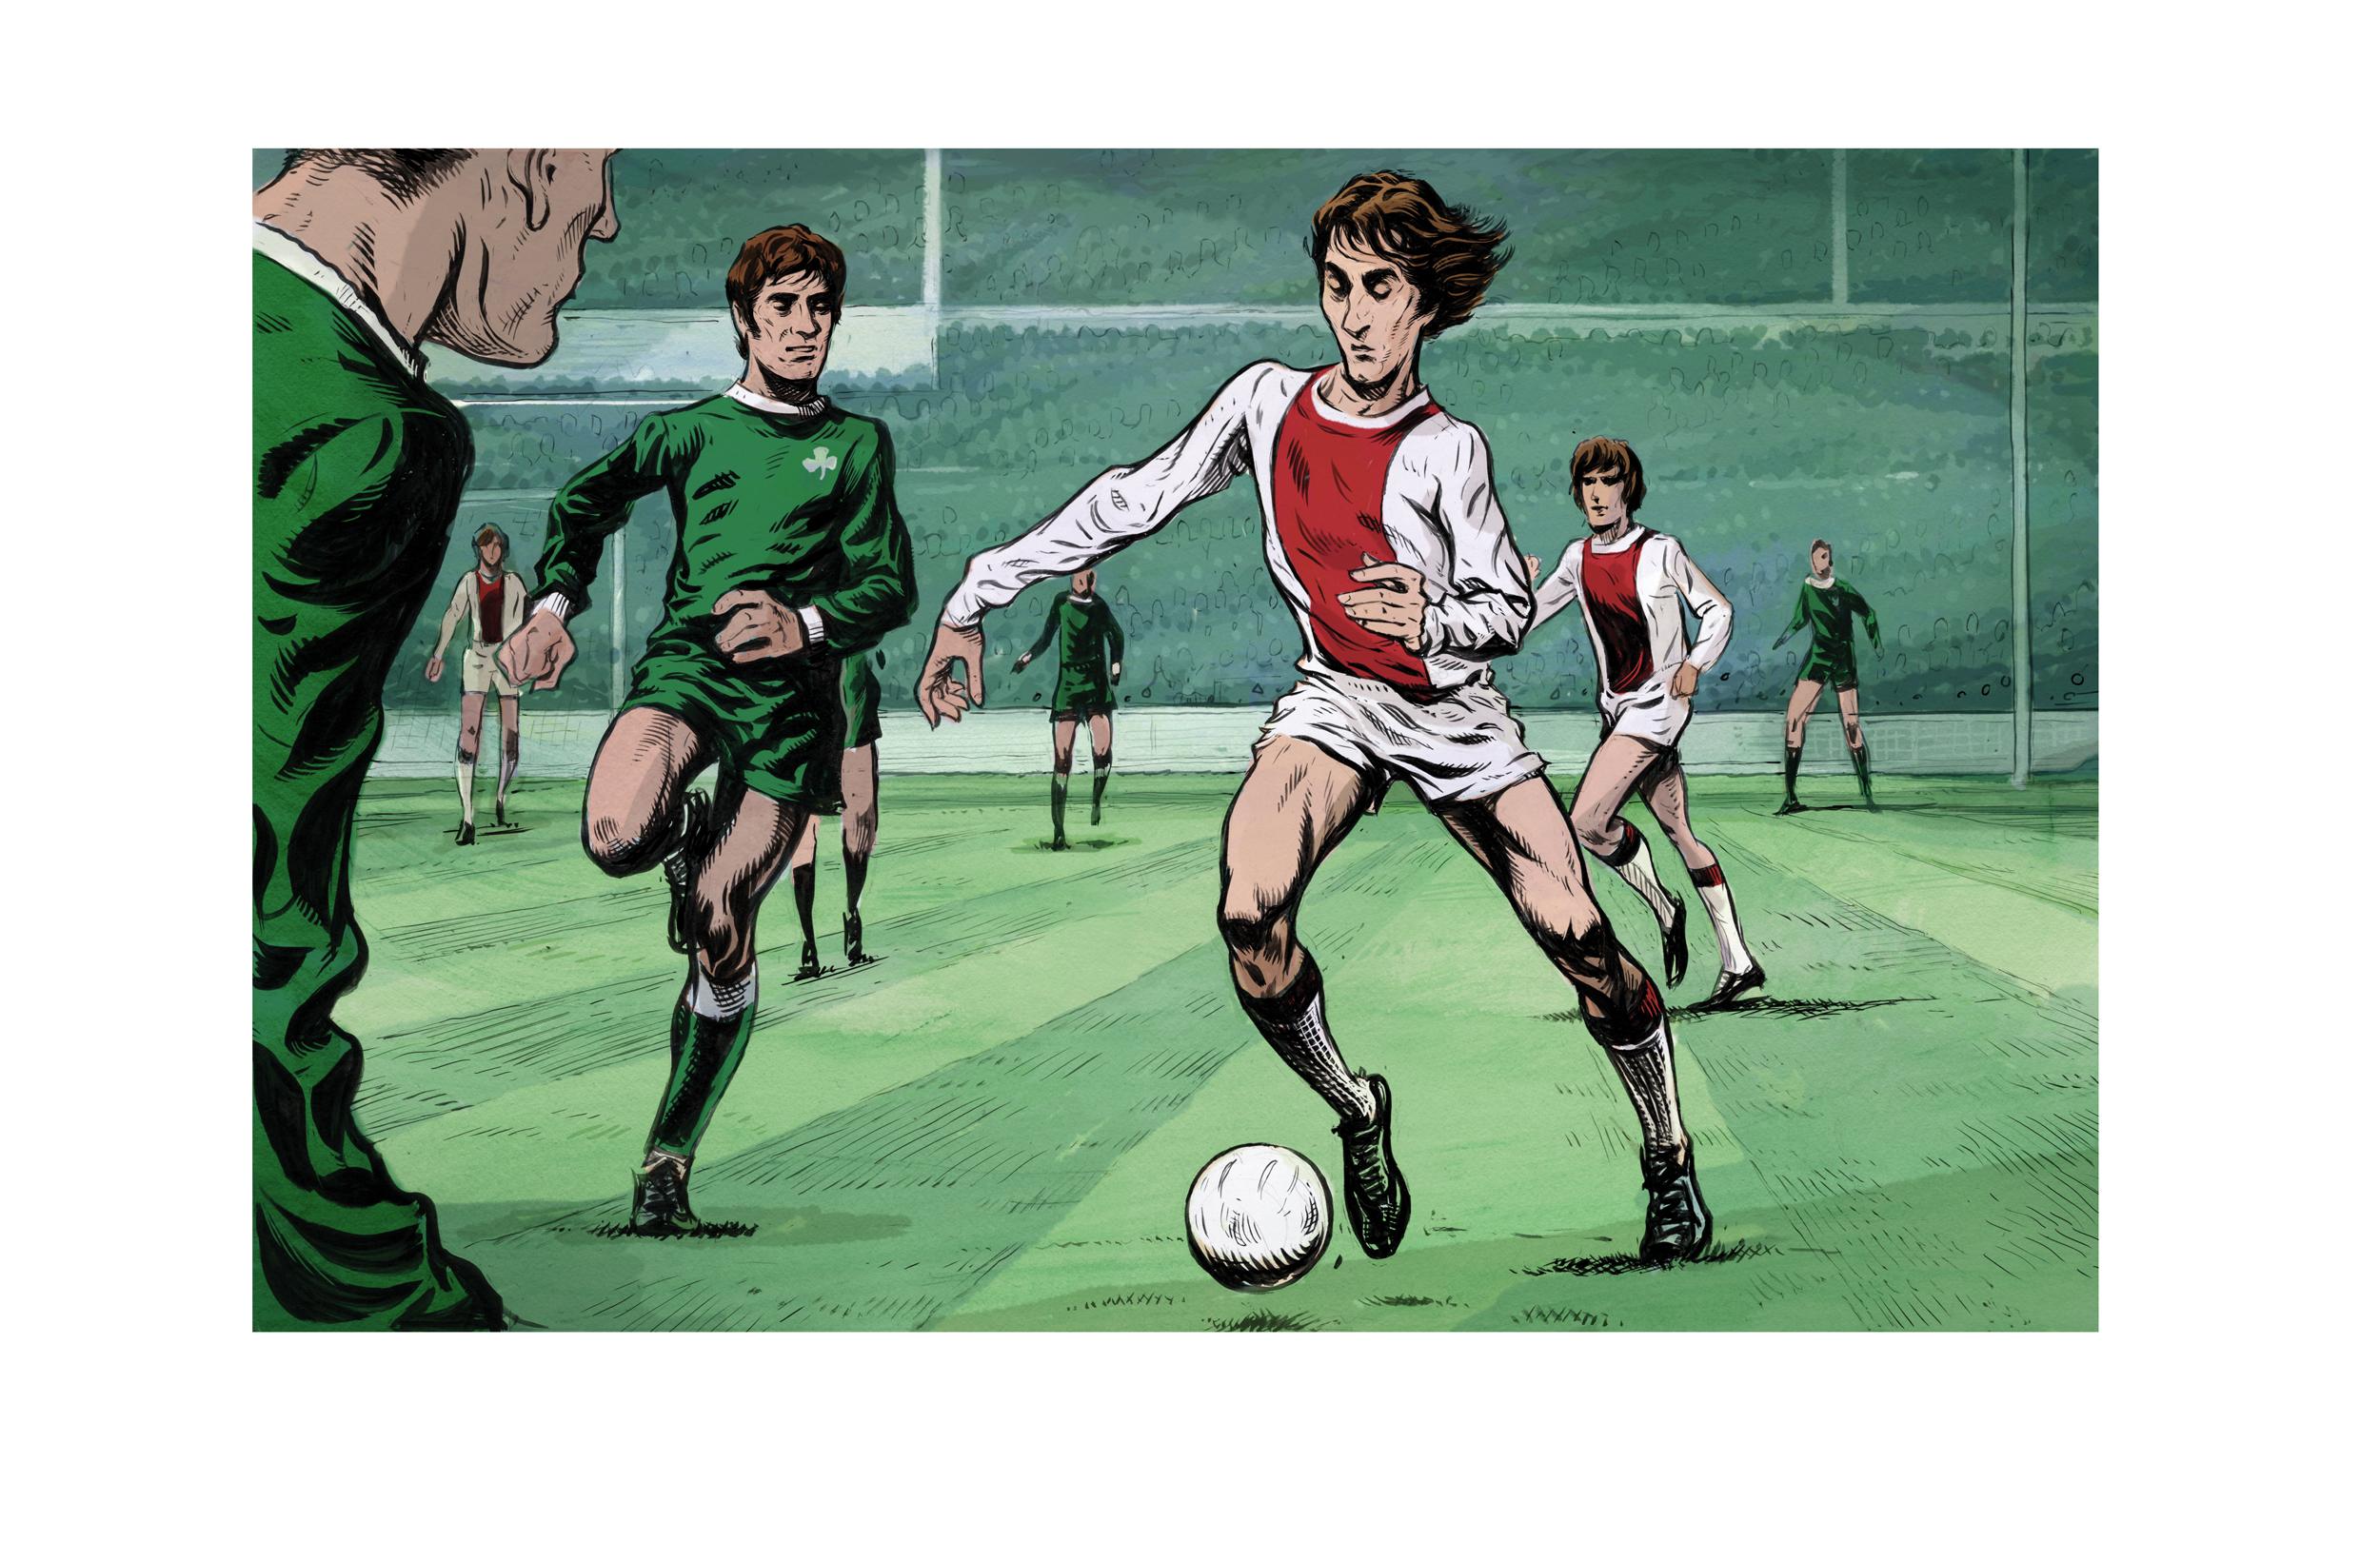 Ajax vs. Panathenaikos